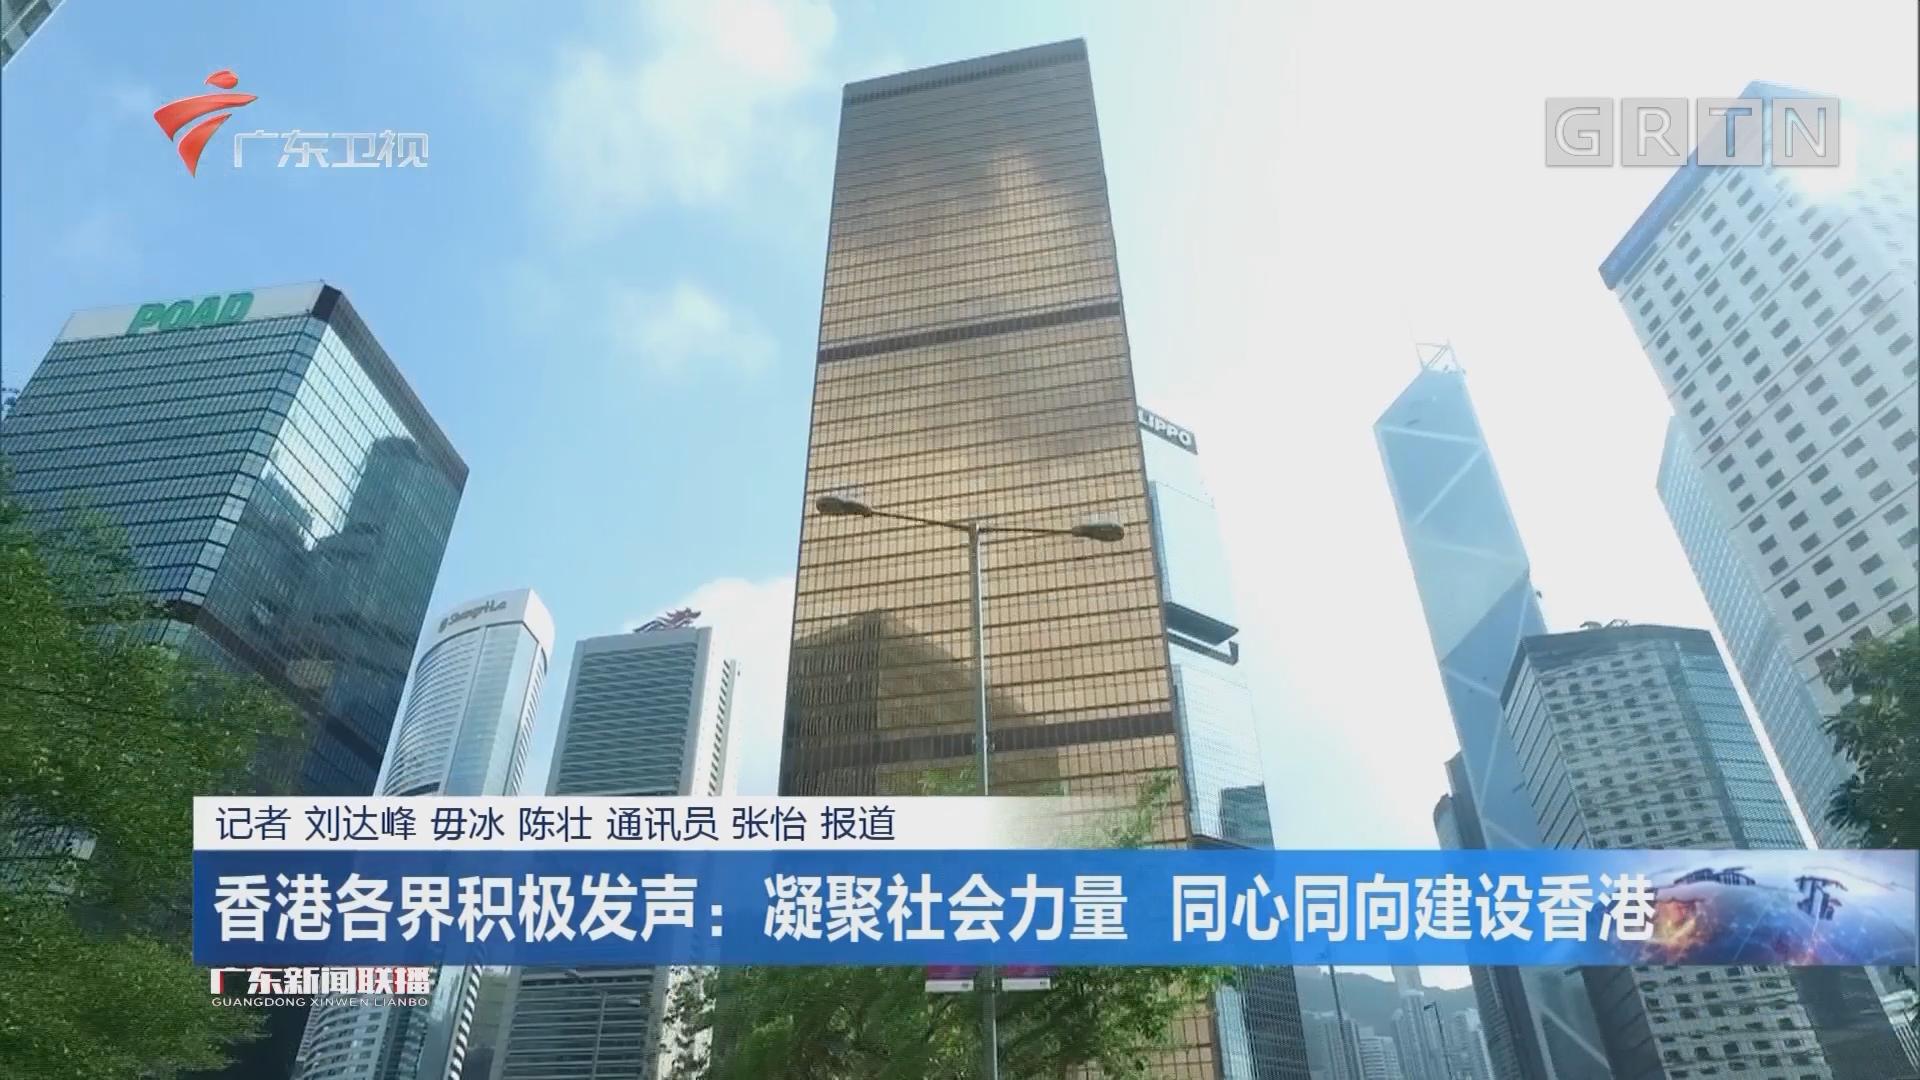 香港各界积极发声:凝聚社会力量 同心同向建设香港